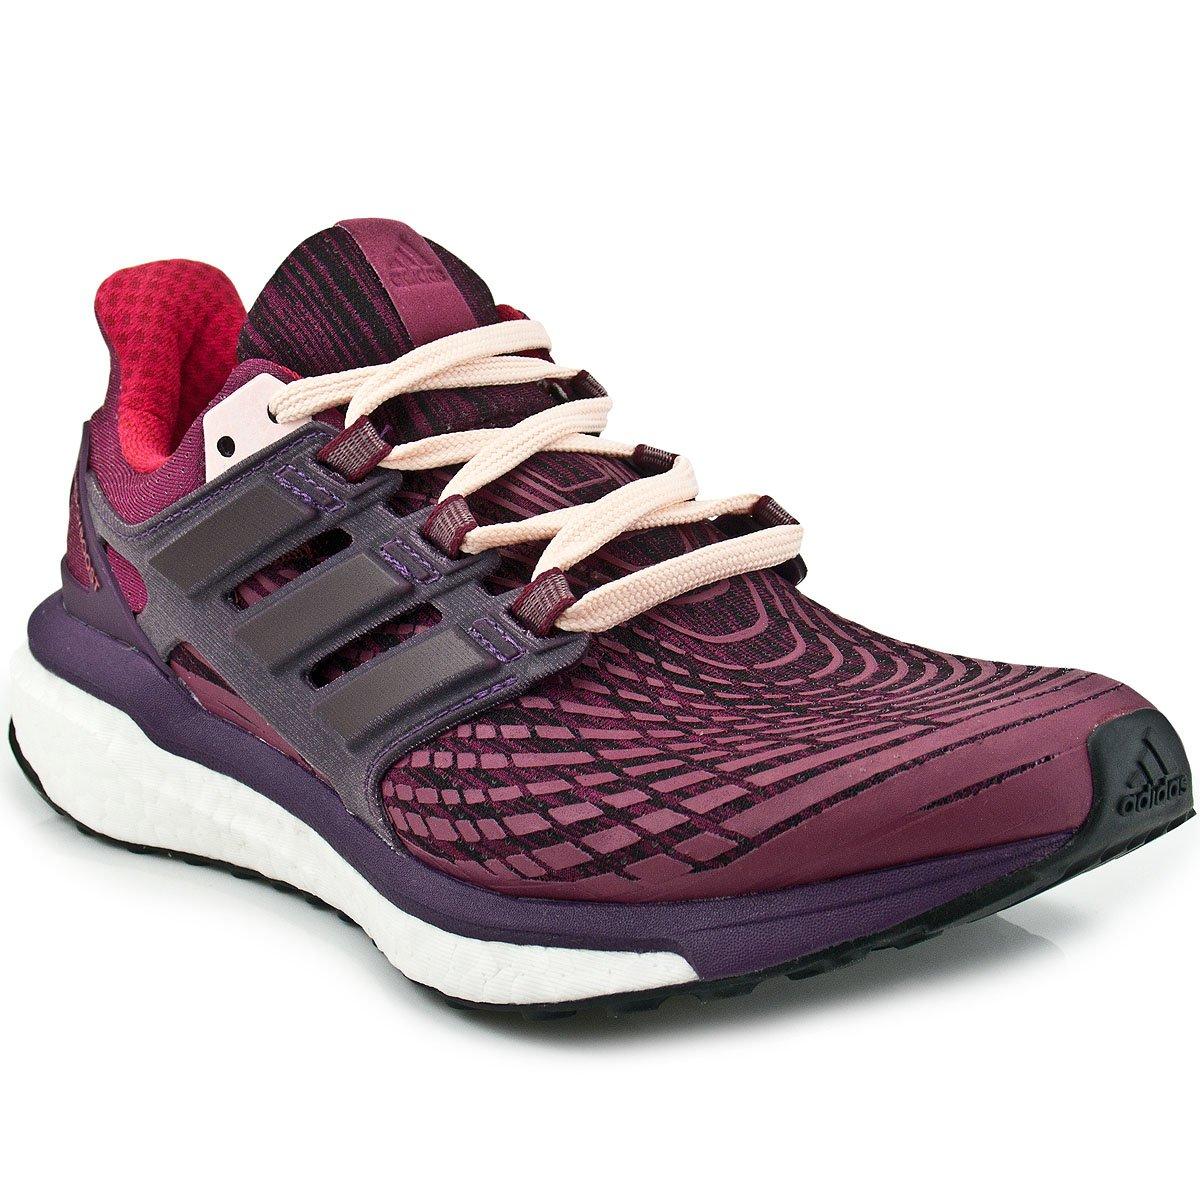 4920a9f33 Tênis Adidas Energy Boost W